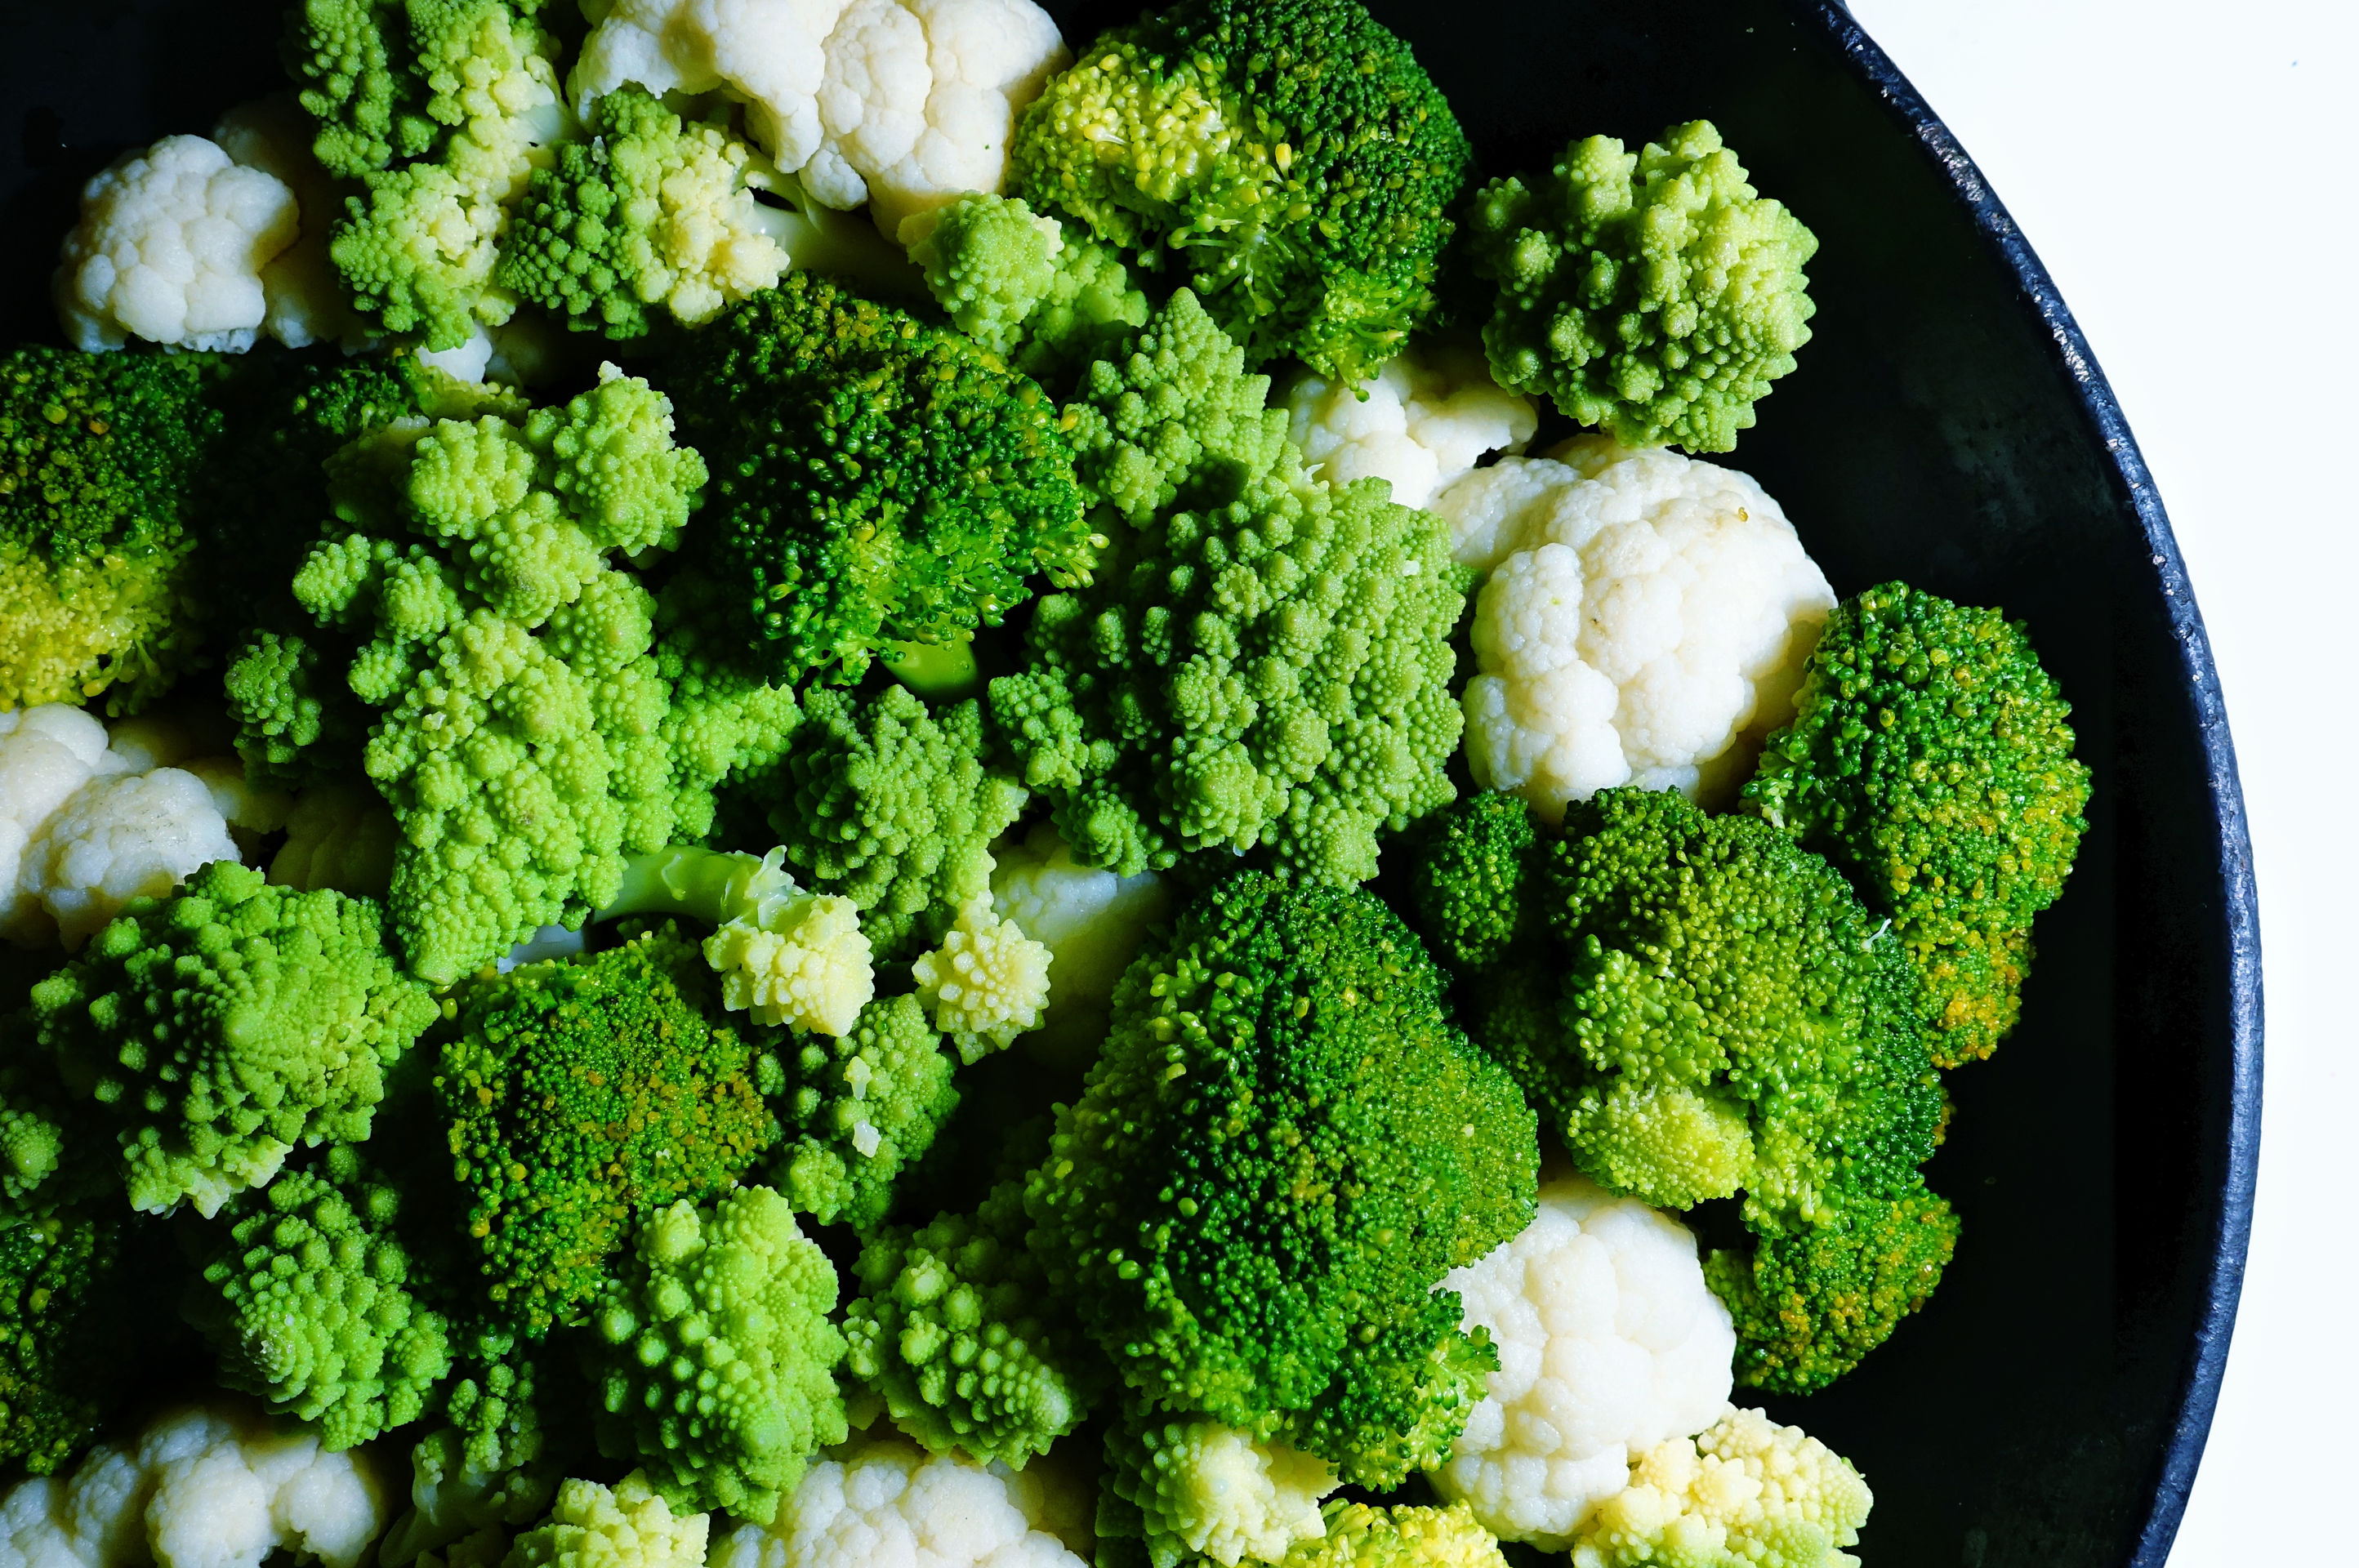 Les 3 Légumes Précuit Vapeur choux fleurs, brocolis et choux romanesco